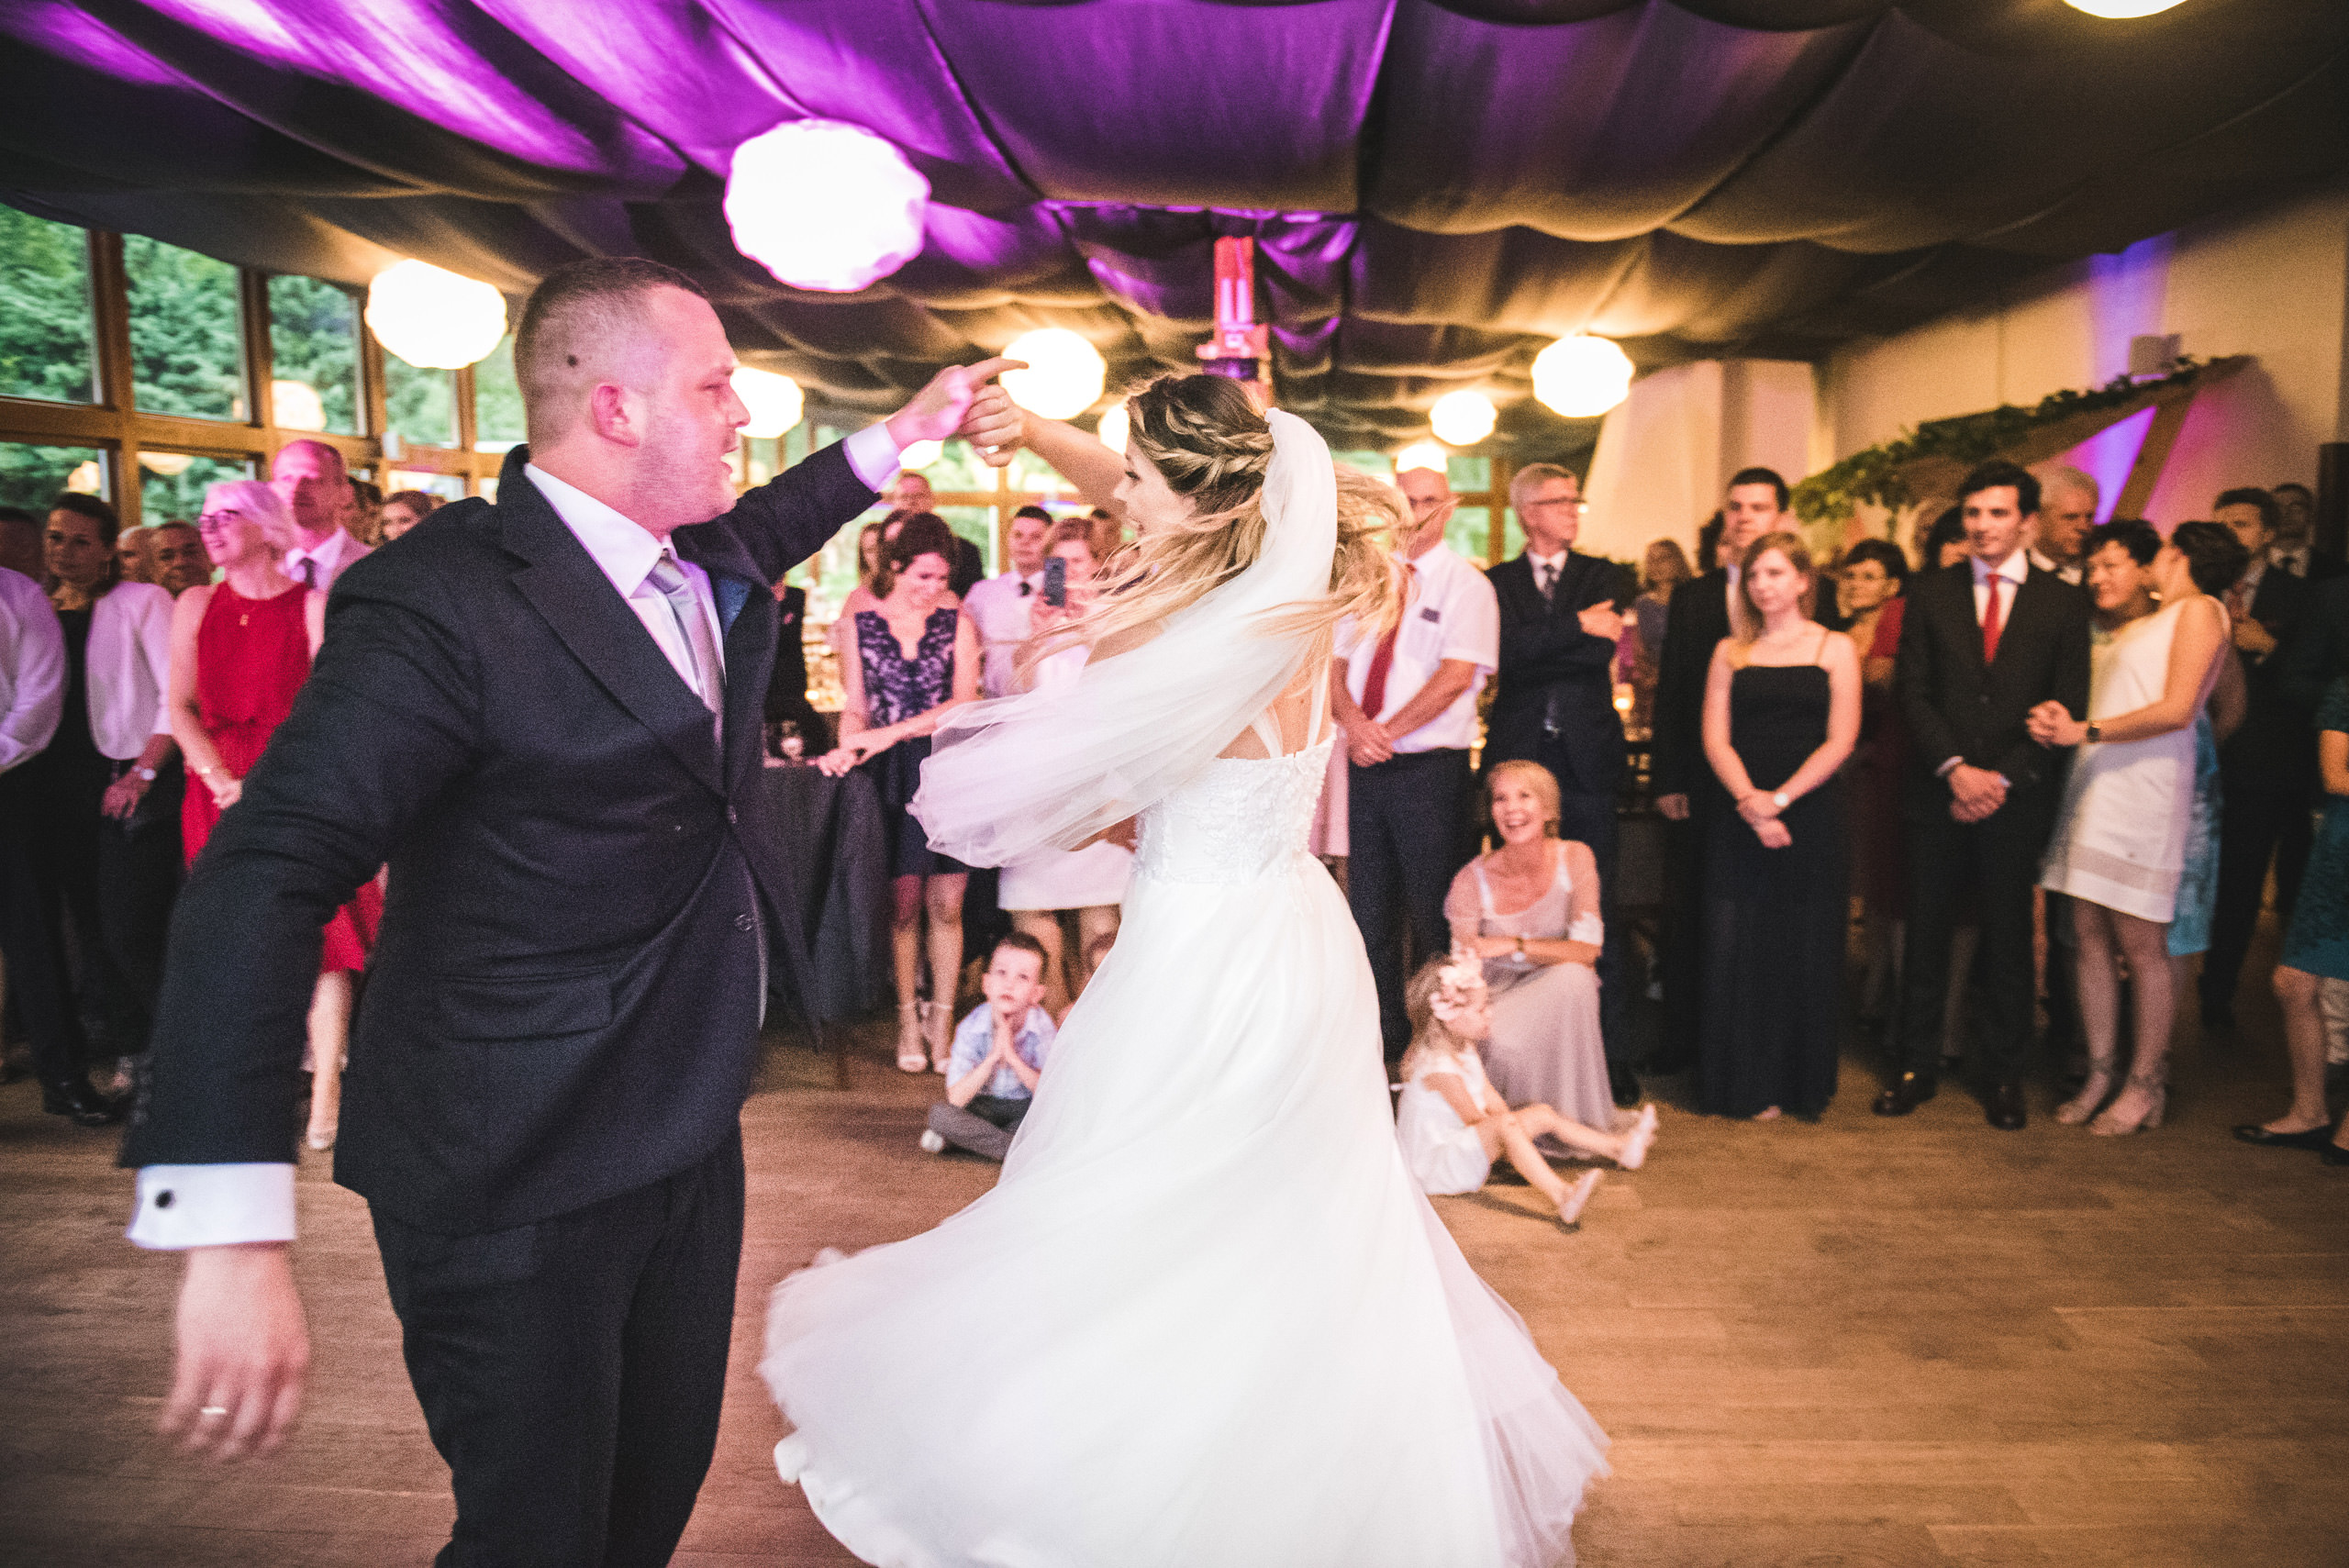 fotograf slubny warszawa 046 pomiechowek osrodek zacisze anny korcz pierwszy taniec laurellefashion